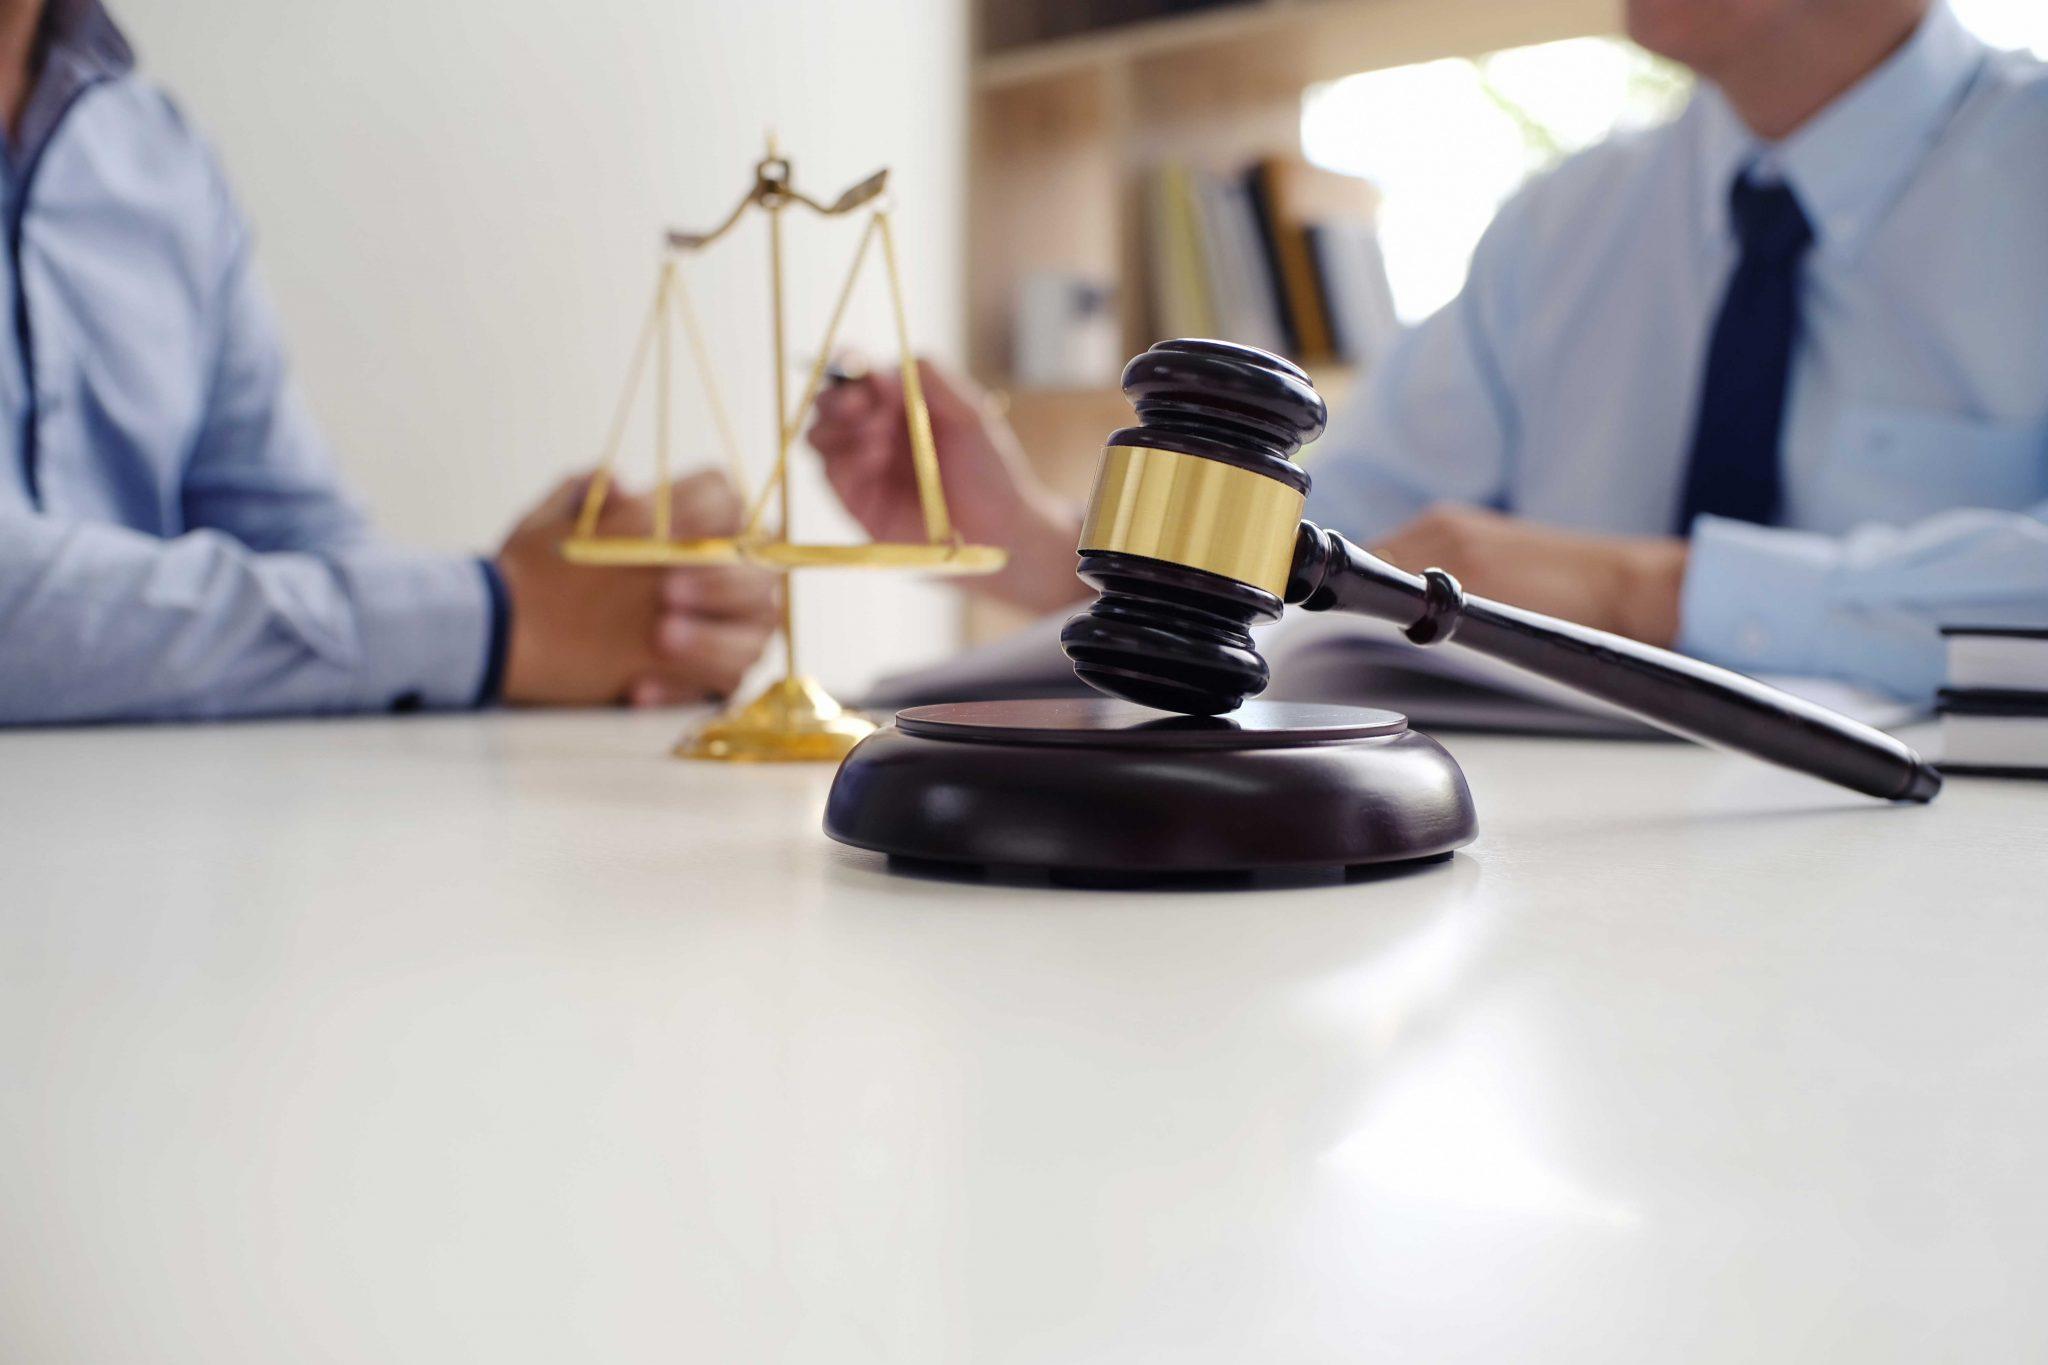 """ביהמ""""ש הורה על מחיקת תביעה של האב לביטול הסכם מזונות בטענה חוזית של הטעייה"""